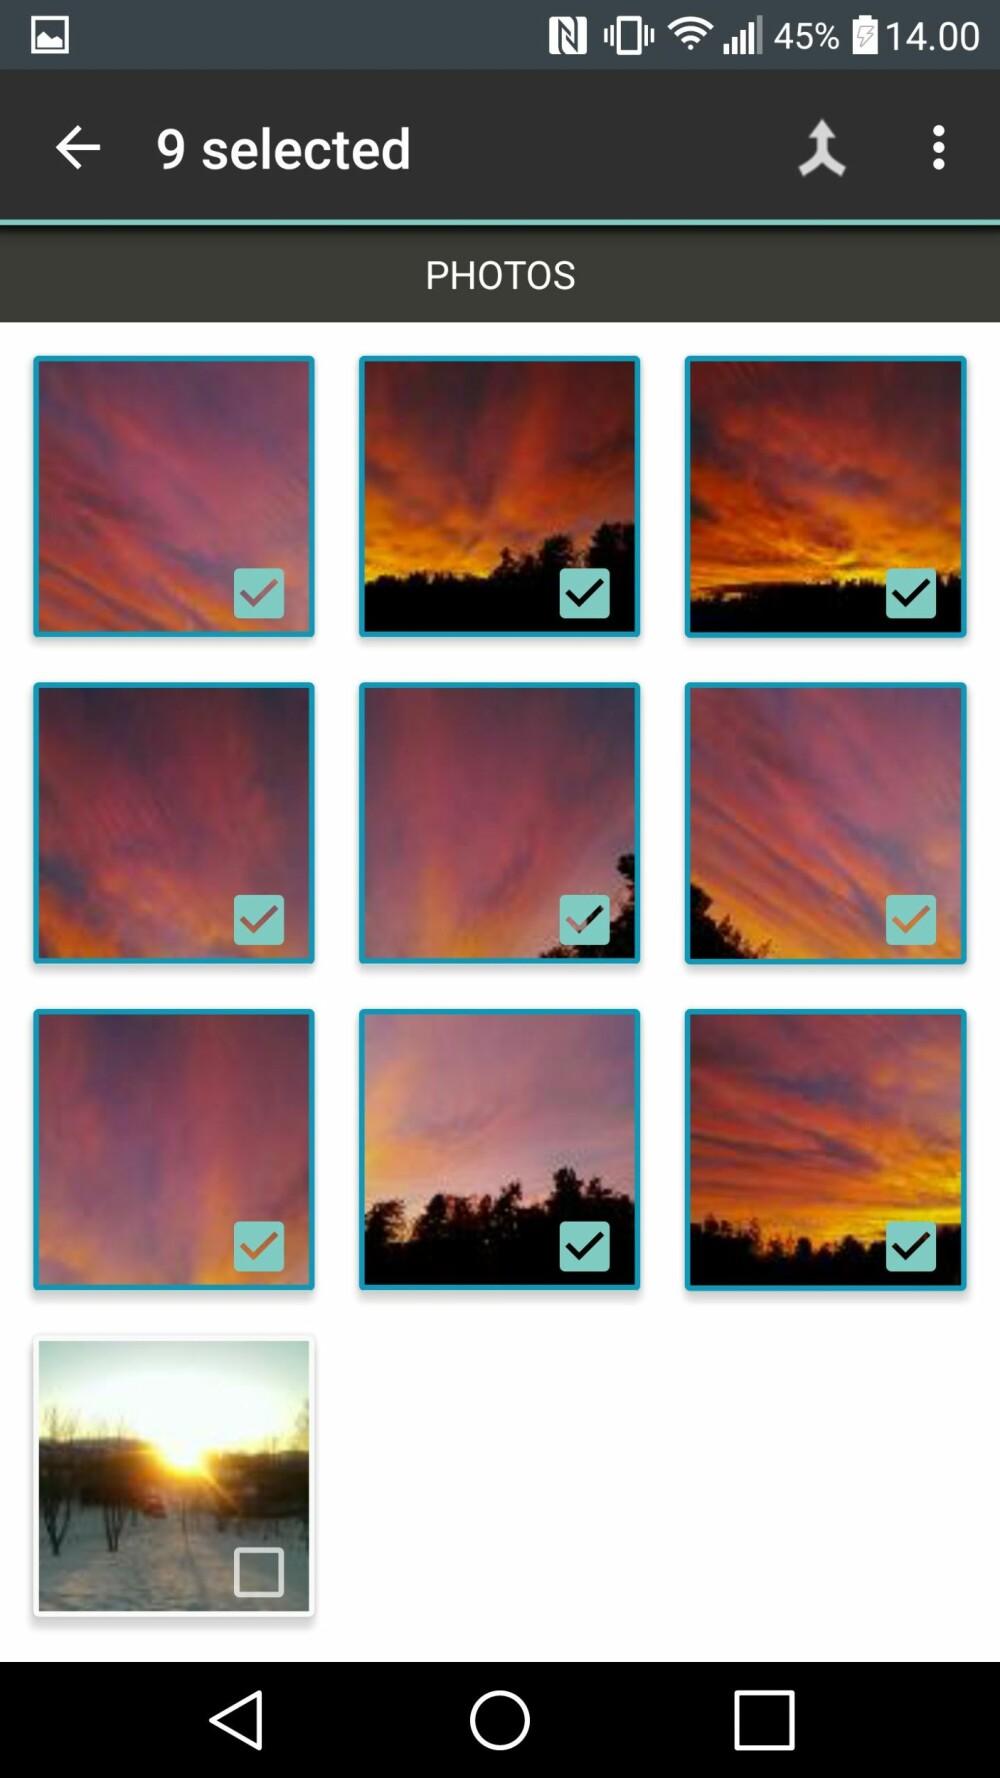 Velg alle bildene du vil sette sammen.